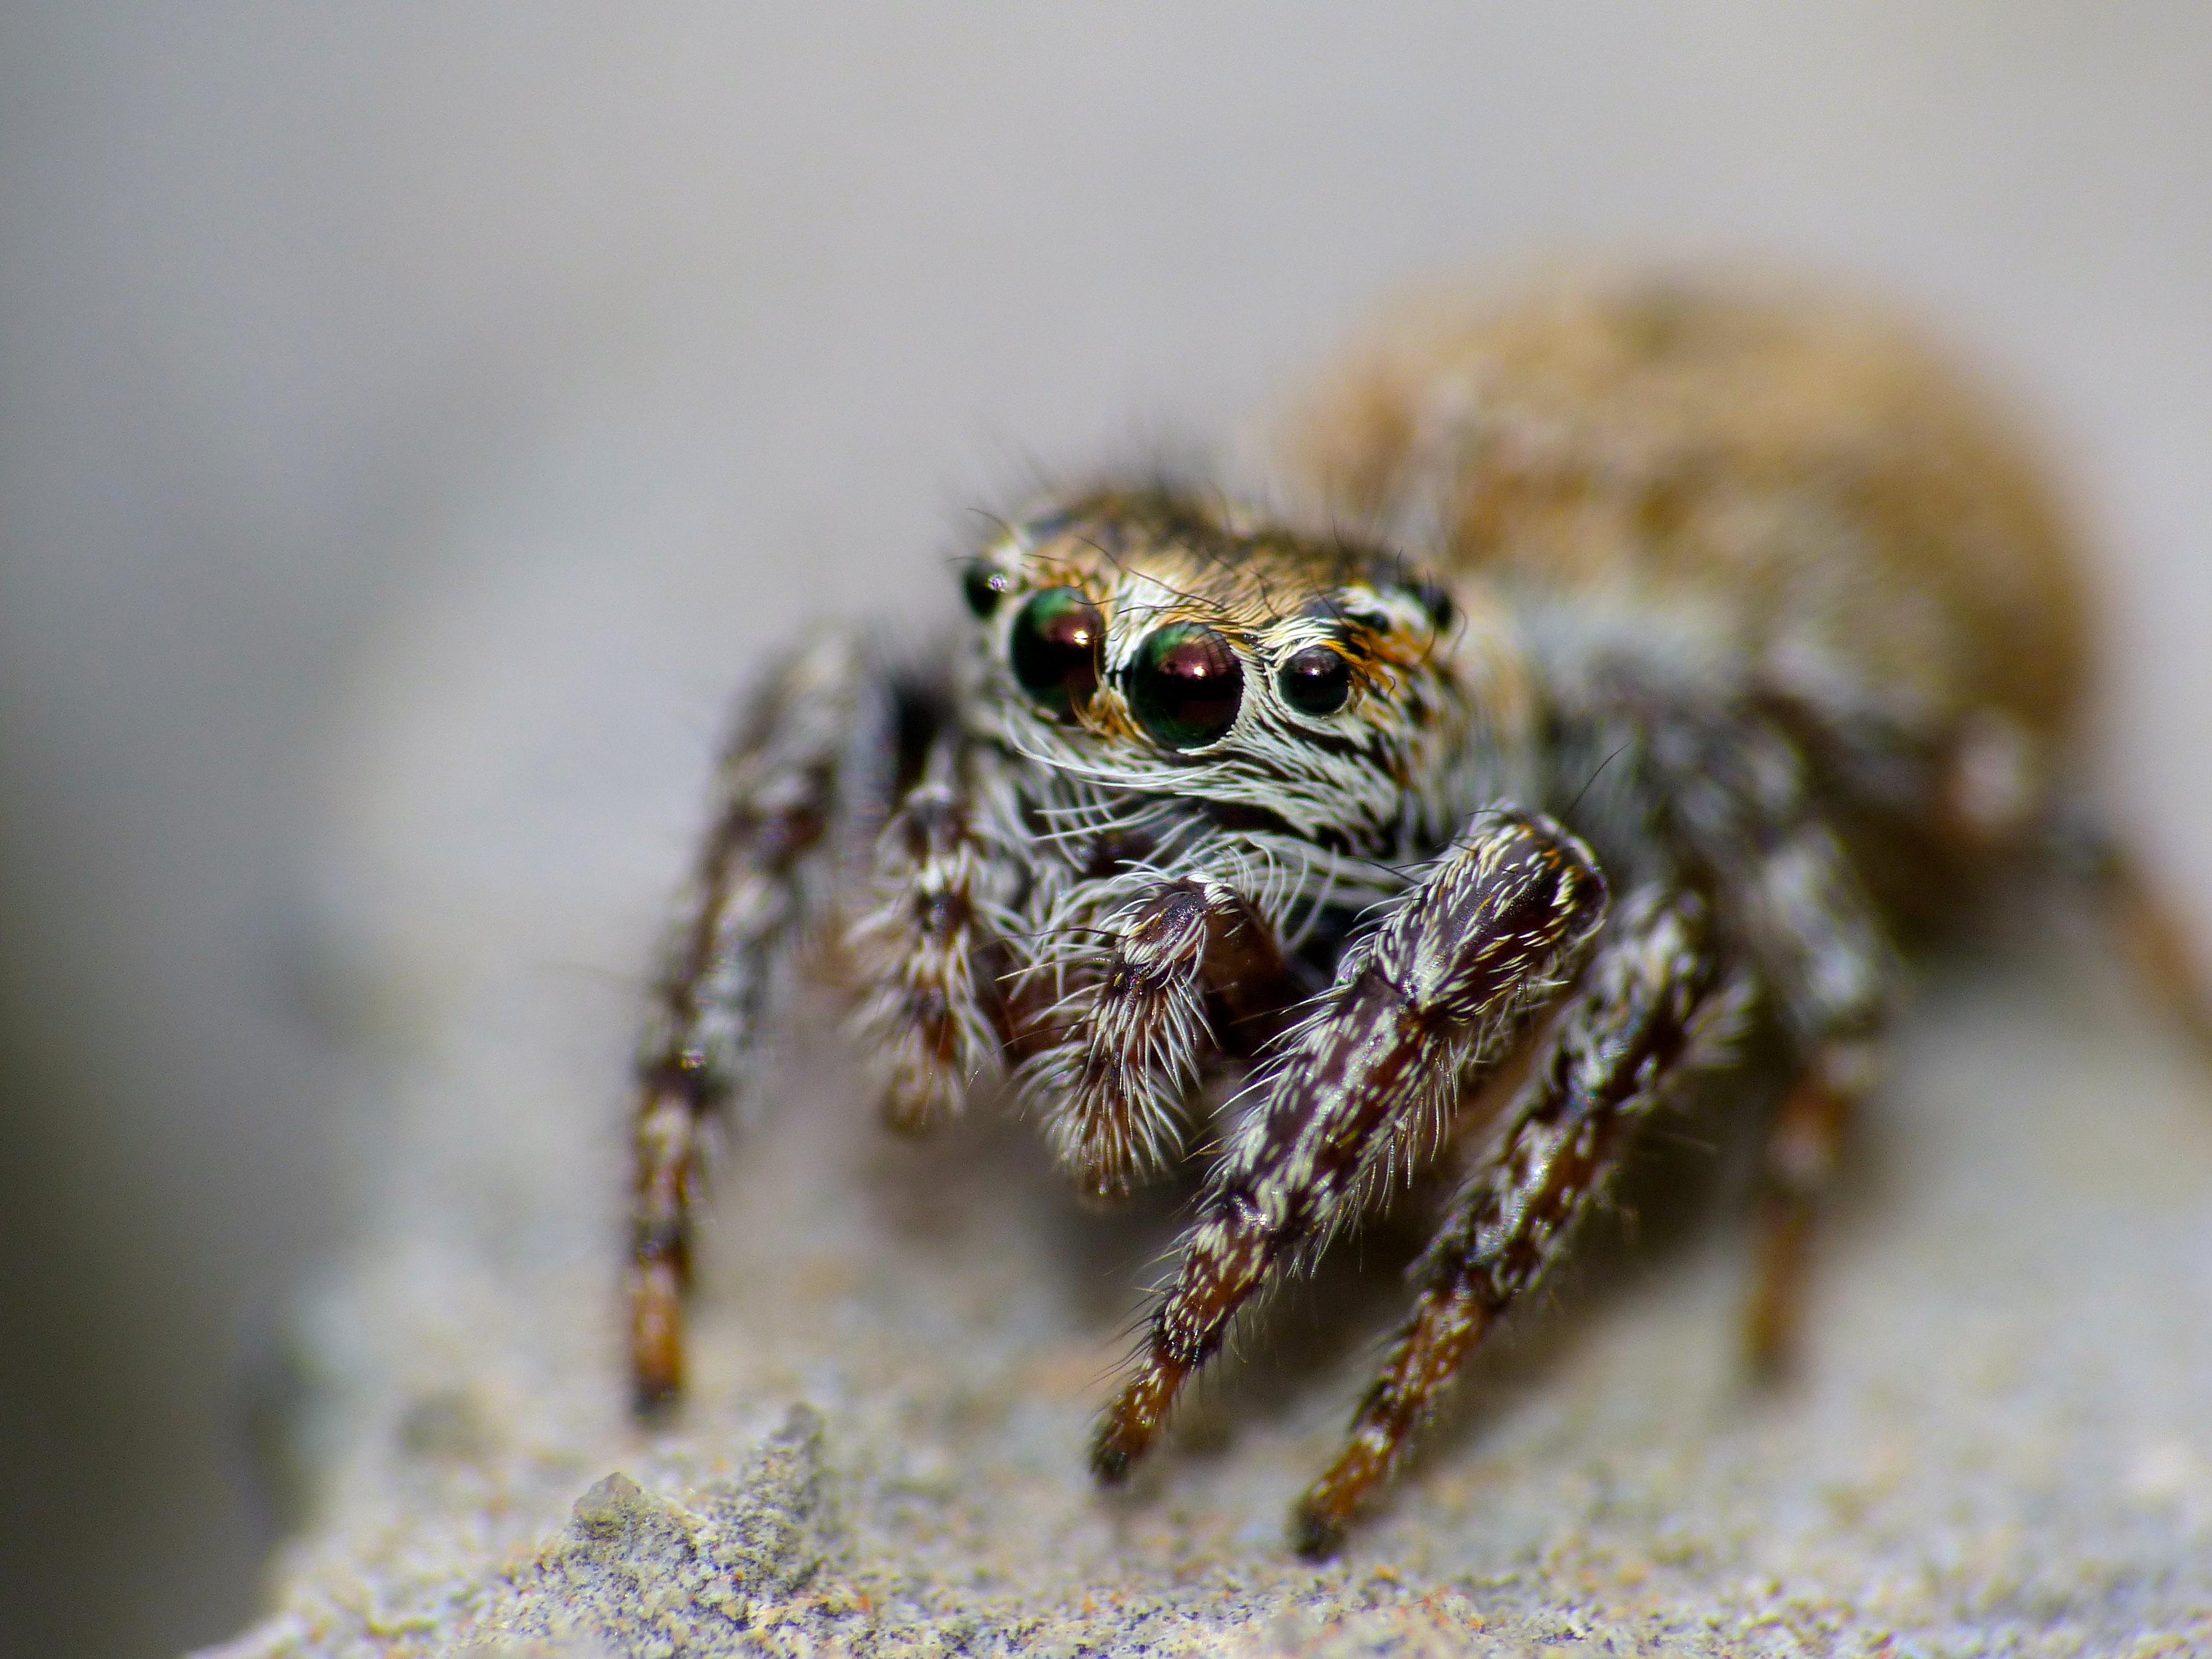 Виды пауков с названиями и описанием +фото, опасность для человека